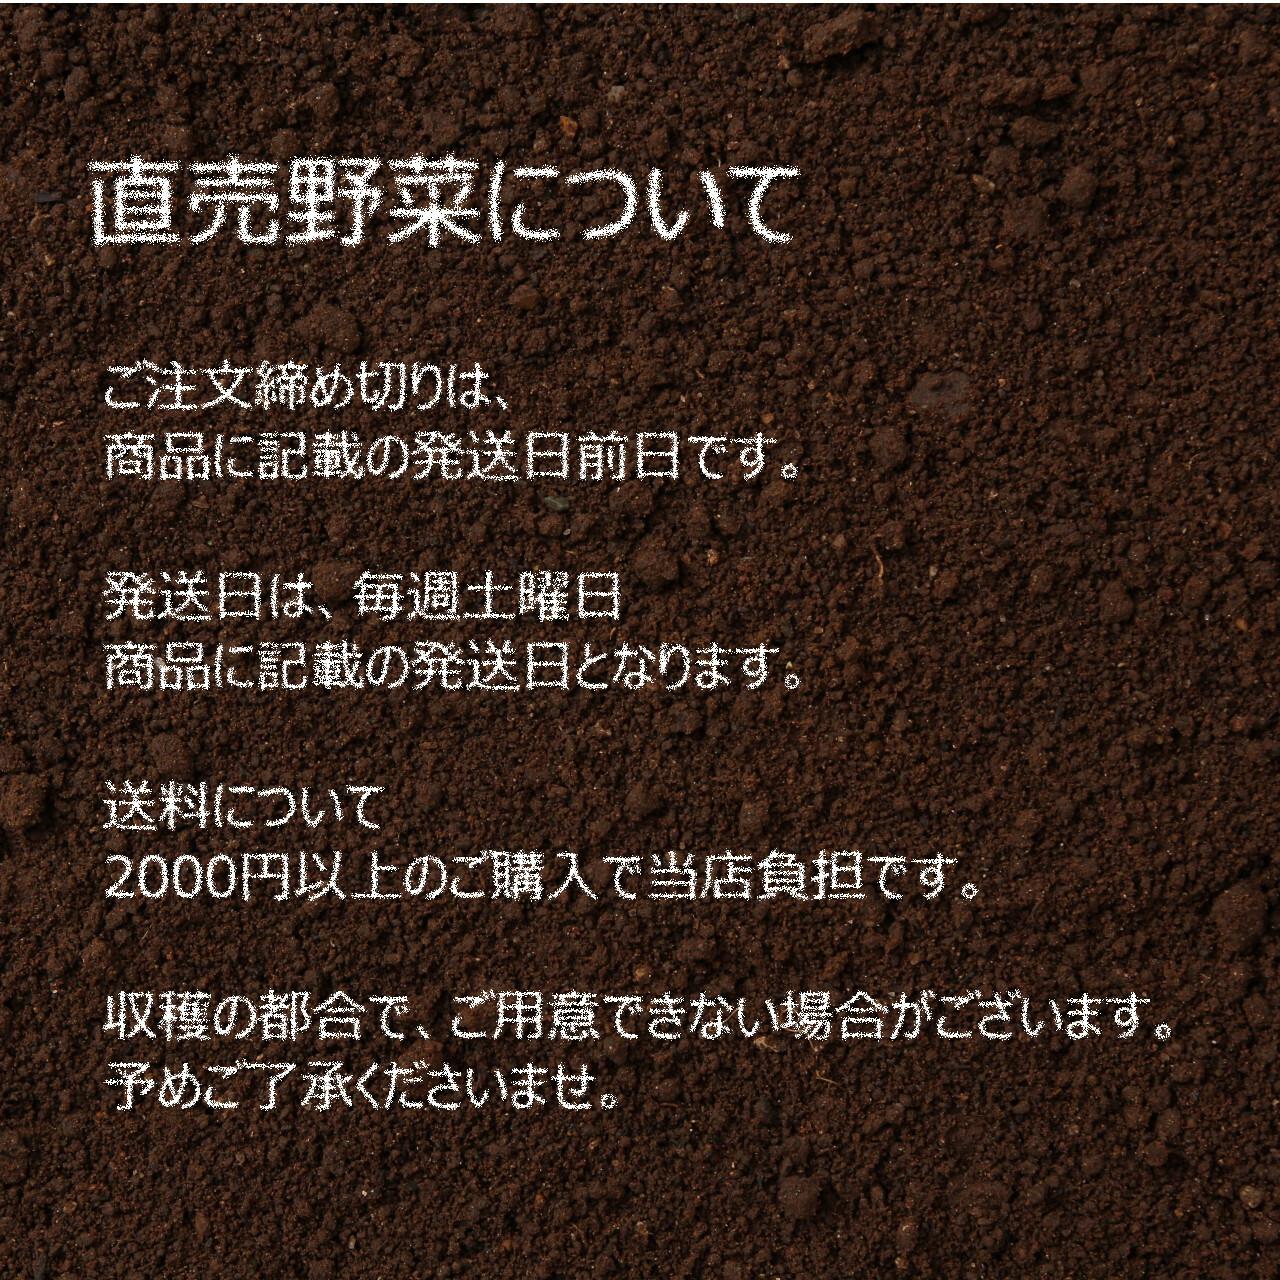 5月の朝採り直売野菜:赤カブ 10個 春の新鮮野菜 5月16日発送予定